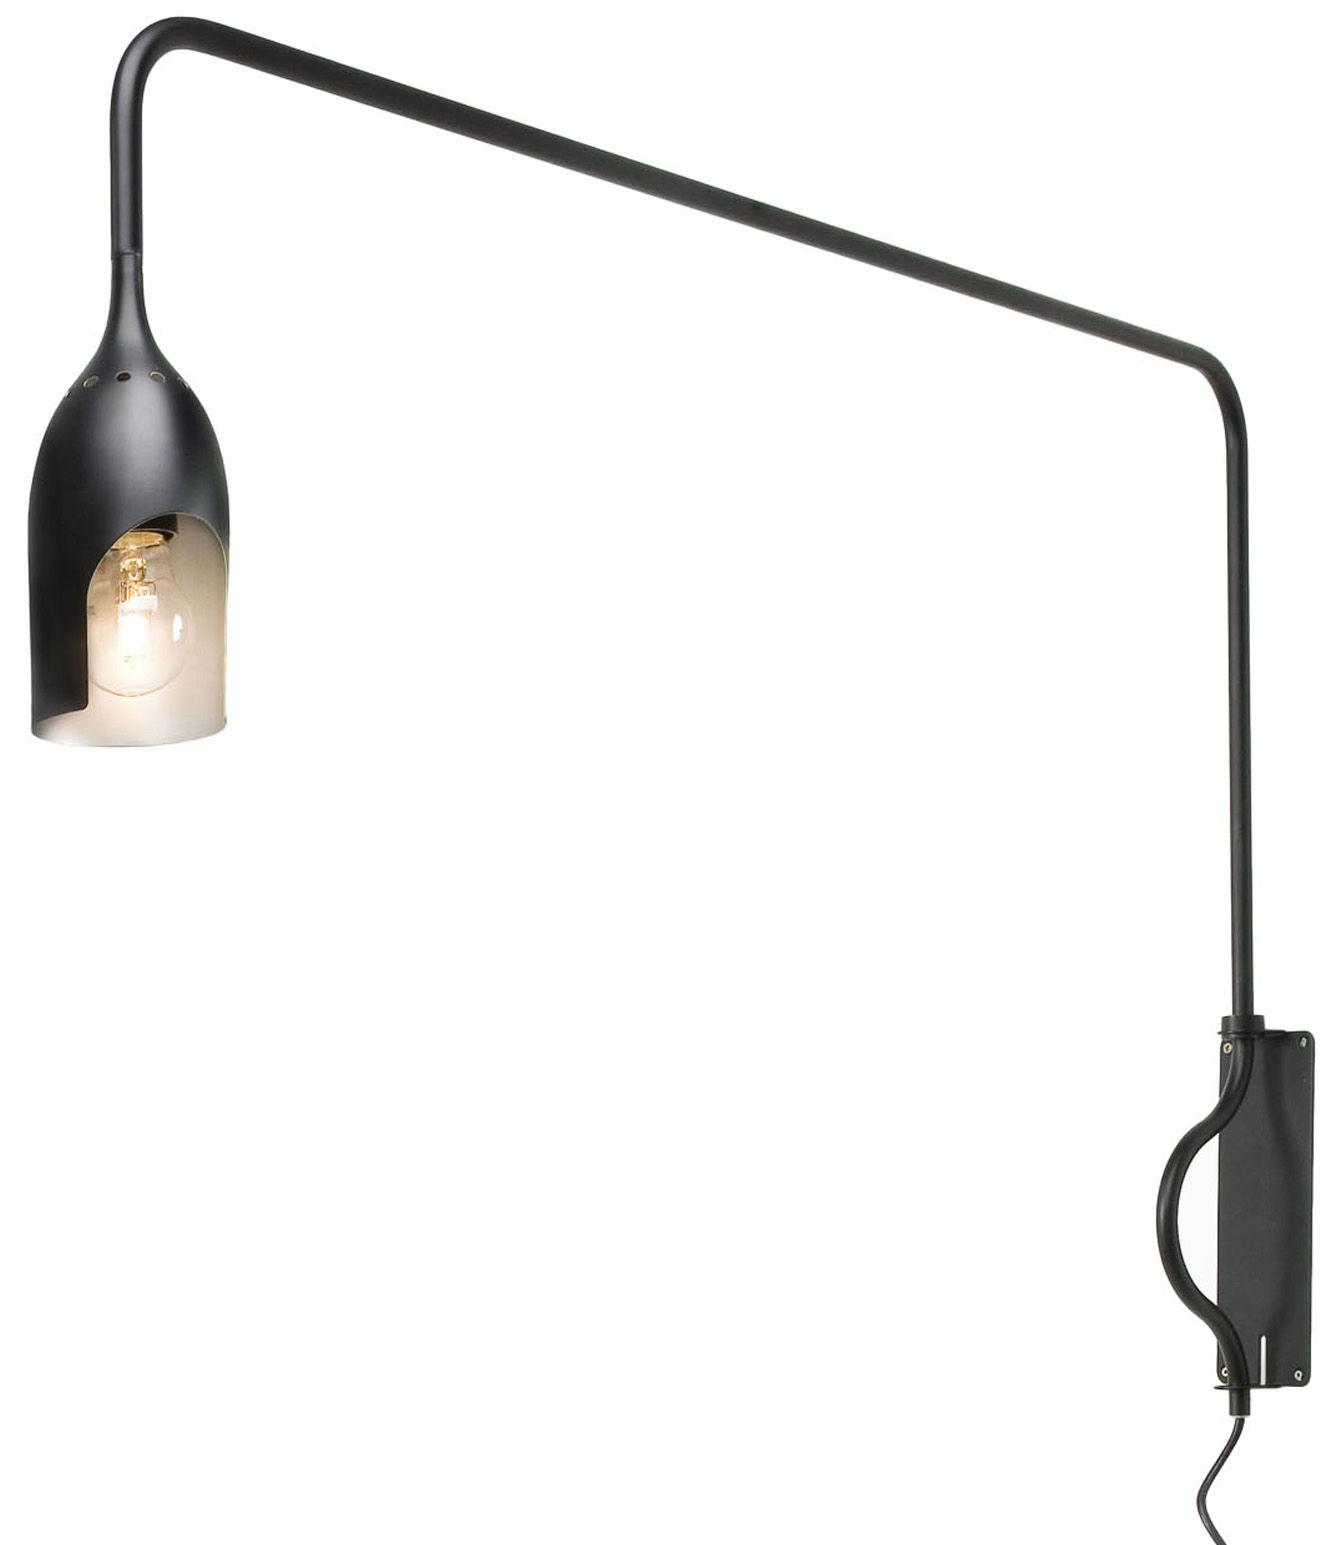 Leuchten - Wandleuchten - Tournebrille Wandleuchte mit Stromkabel groß - mit Gelenk - Tsé-Tsé - Groß - Schwarz matt lackiert - Innenseite gold - Aluminium